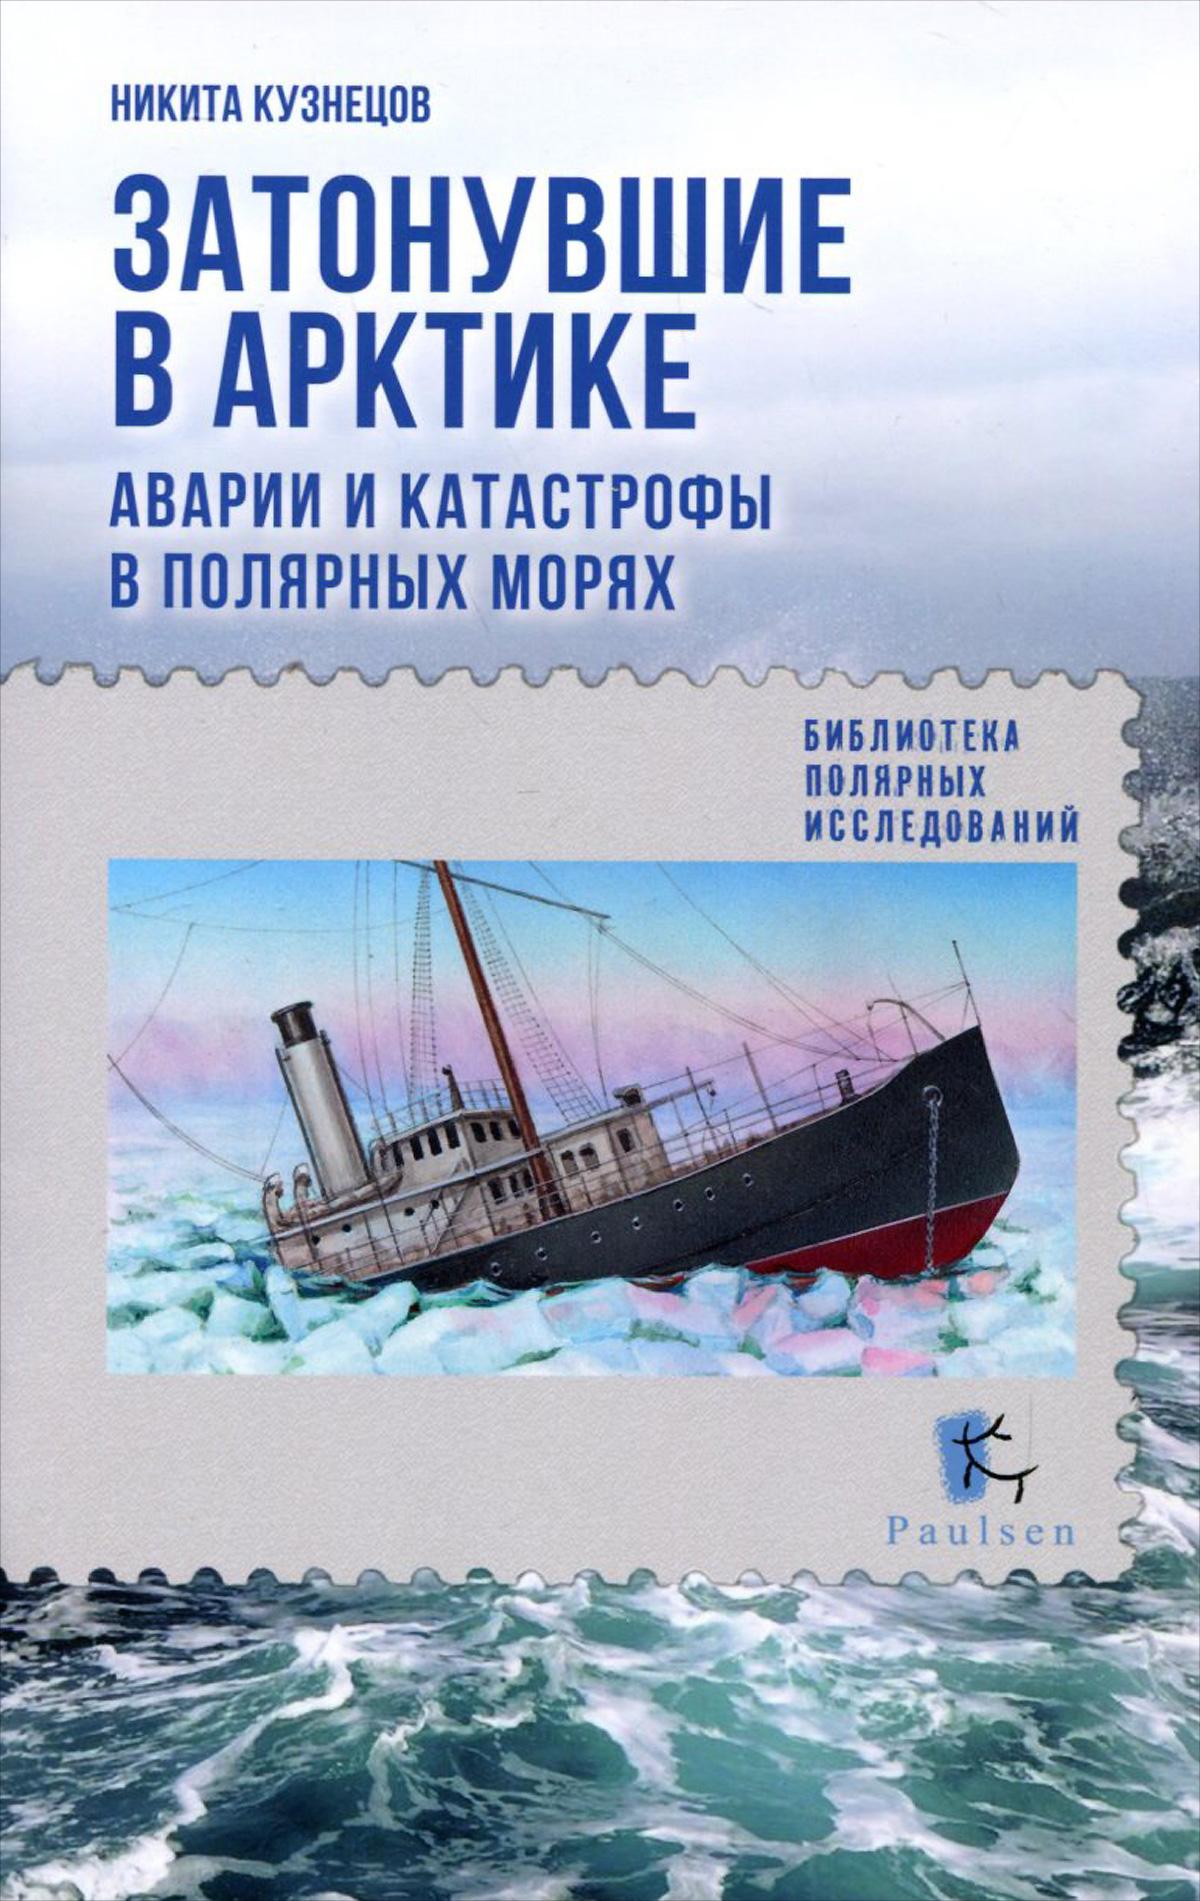 Никита Кузнецов Затонувшие суда. Аварии и катастрофы в полярных морях